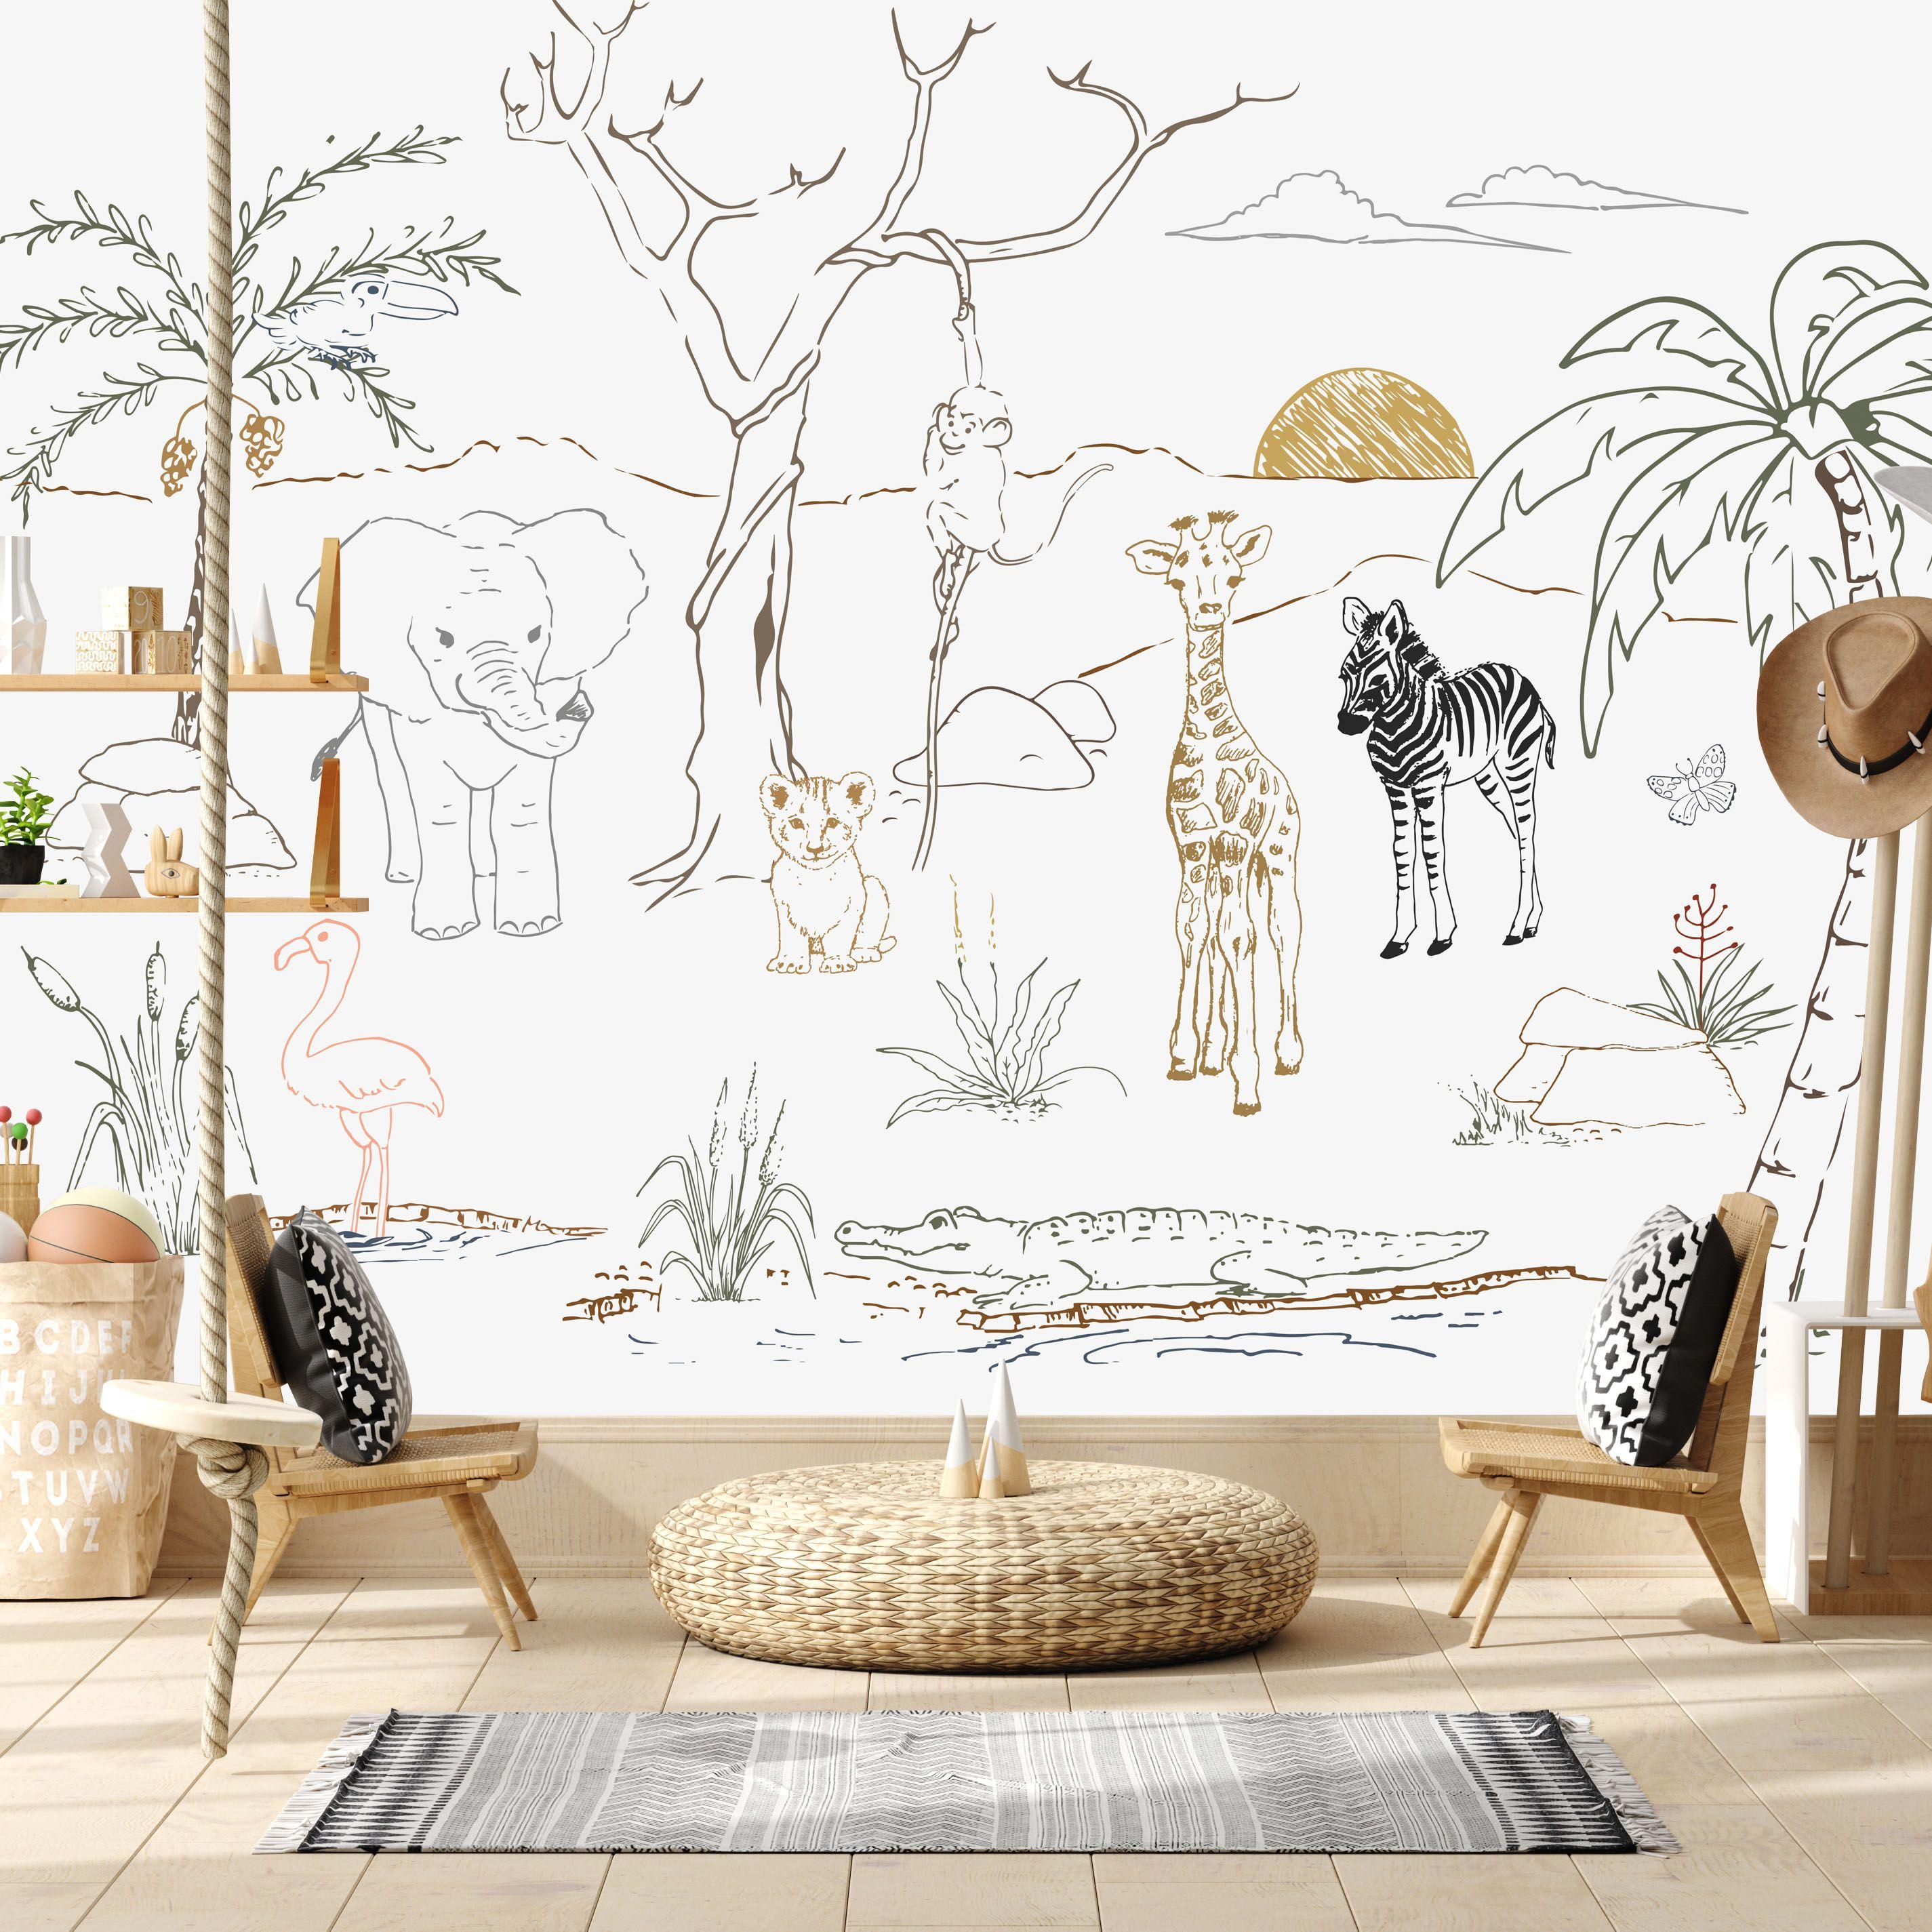 Baby Safari Animal Wall Mural Animal Mural Mural Wallpaper Baby Room Decor